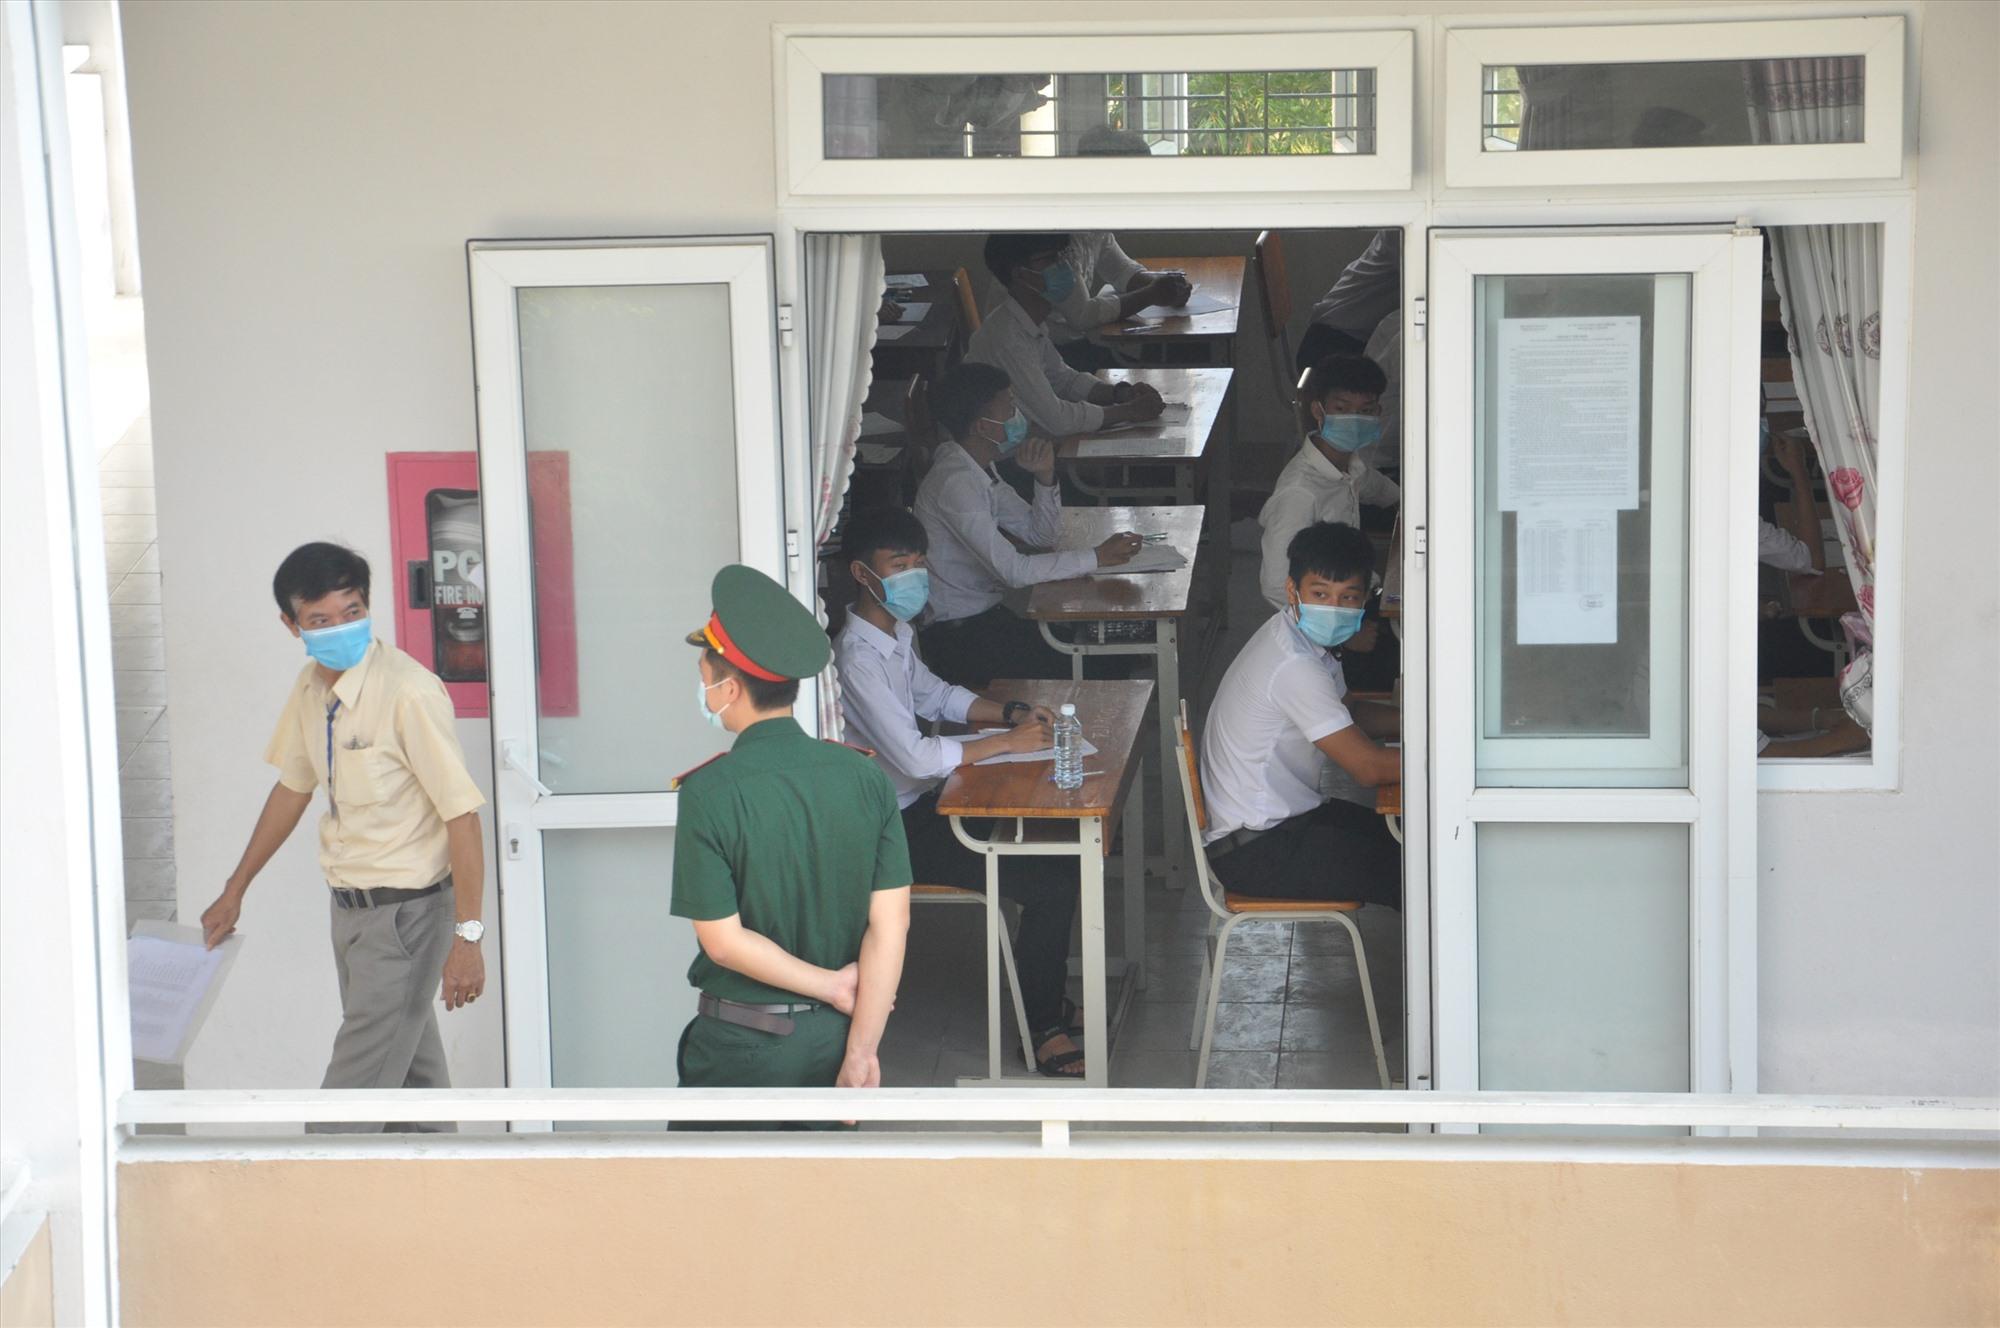 Bác sĩ của Học viện Quân y được Bộ GD-ĐT phân công về Quảng Nam để giám sát, kịp thời phát hiện tình huống phát sinh dịch Covid 19. Ảnh: X.P